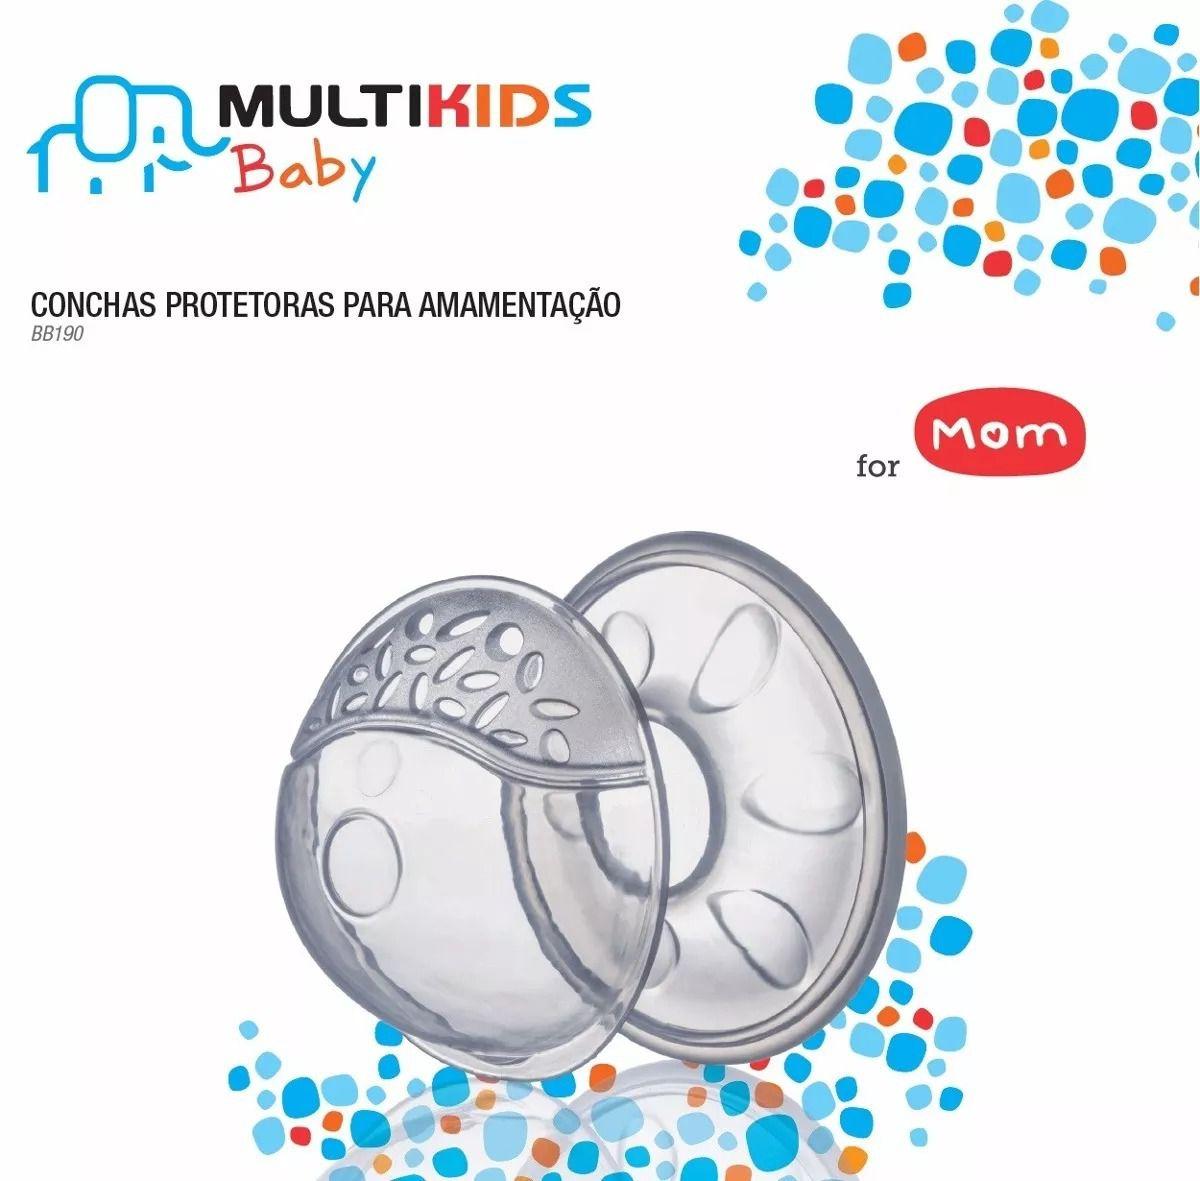 Conchas Protetoras para Amamentação For Mom Multikids BB190